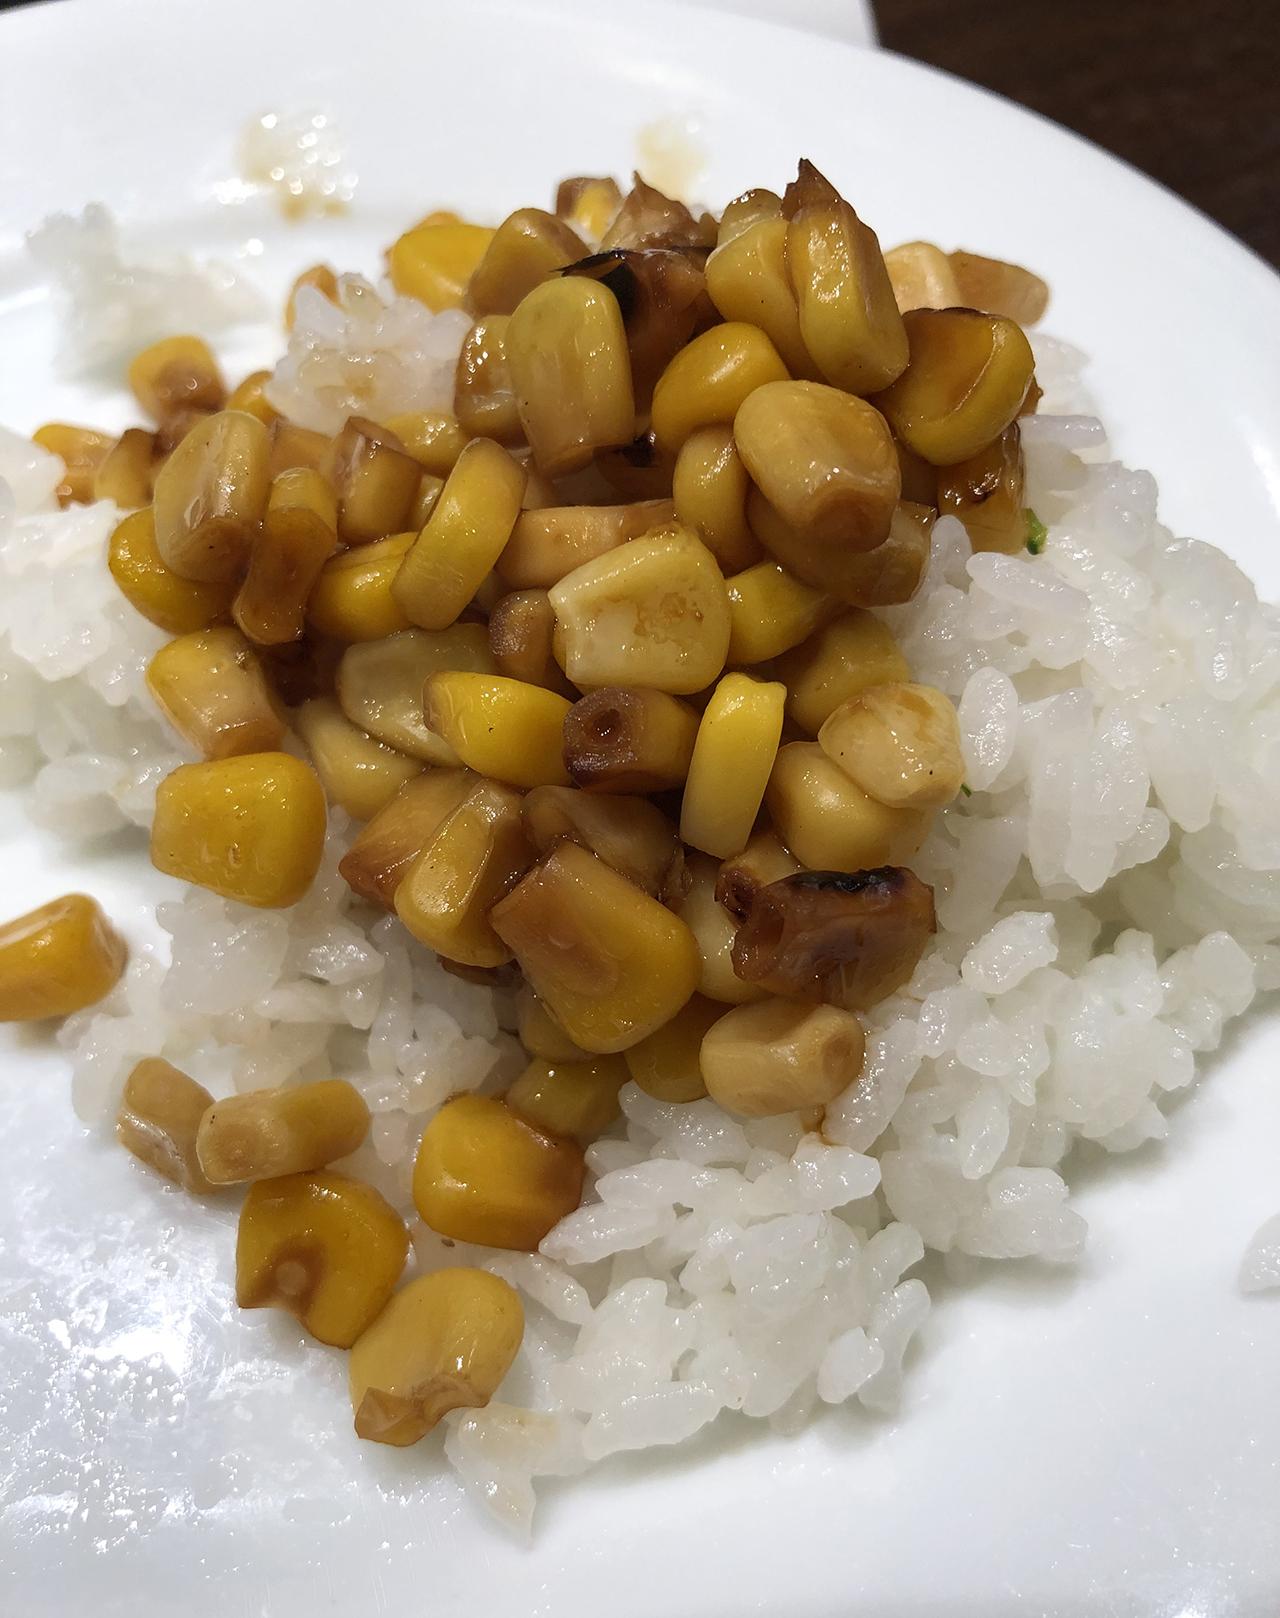 コーンご飯の写真